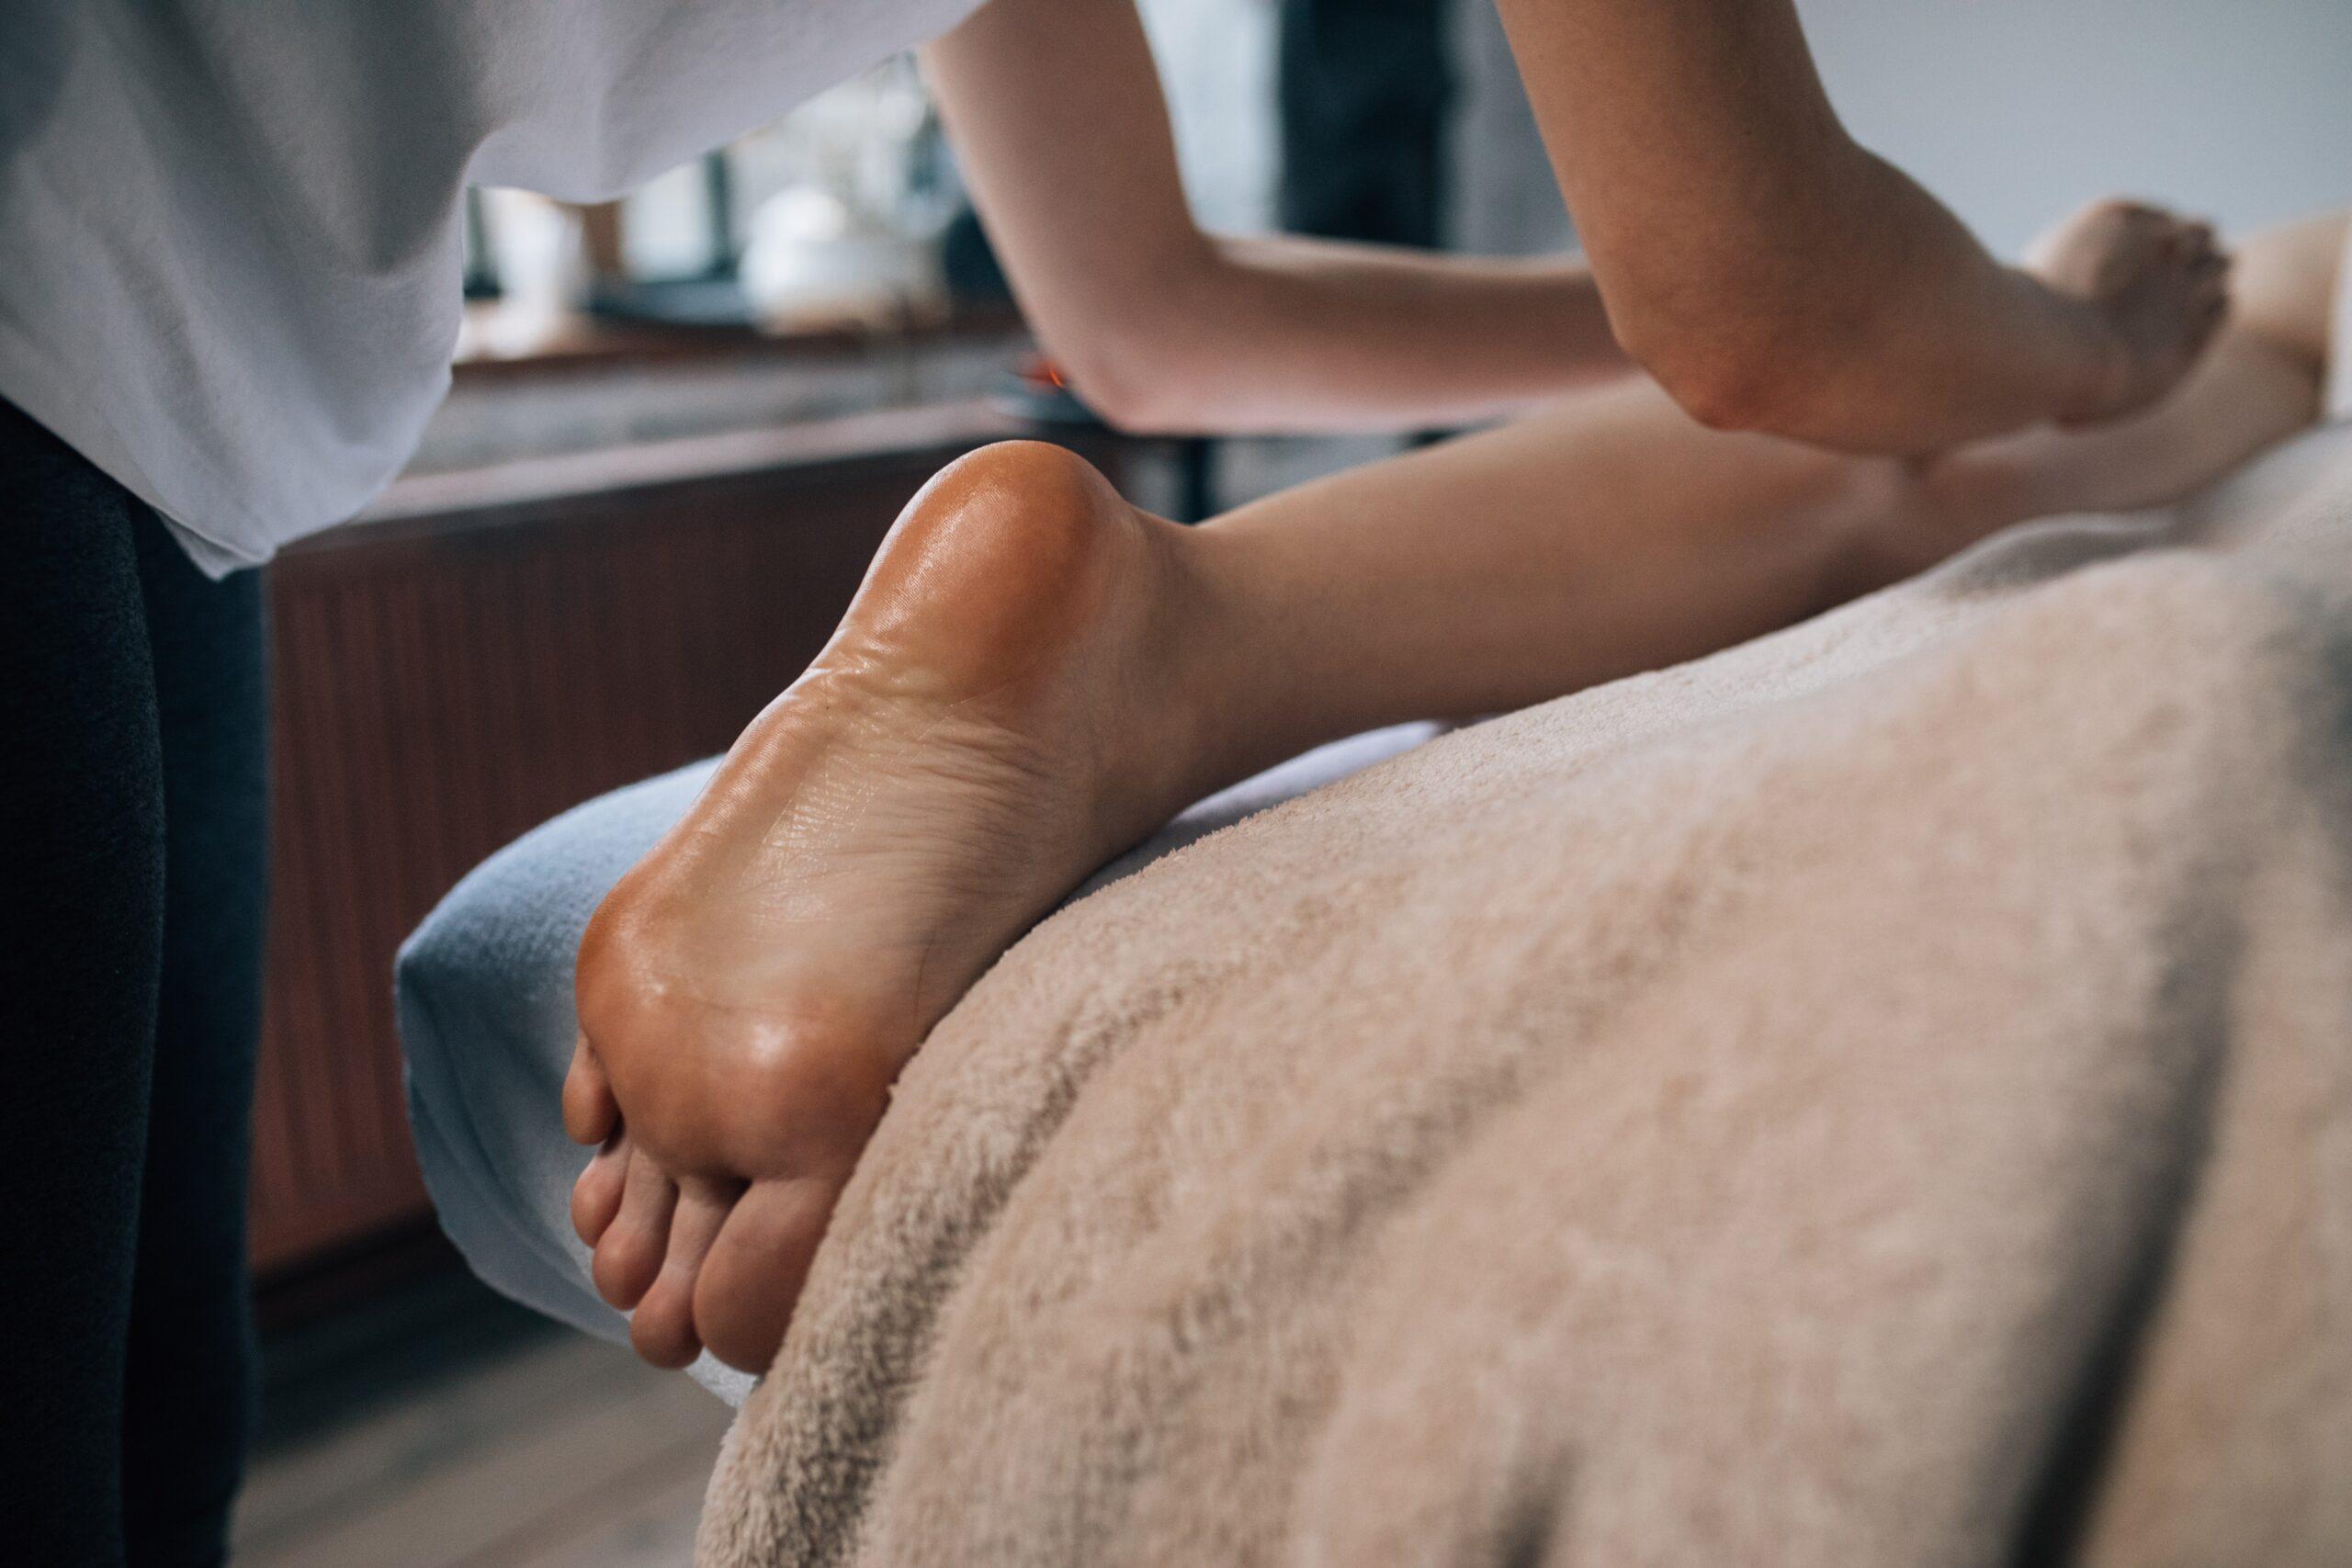 足のリンパマッサージをしているセラピストの画像